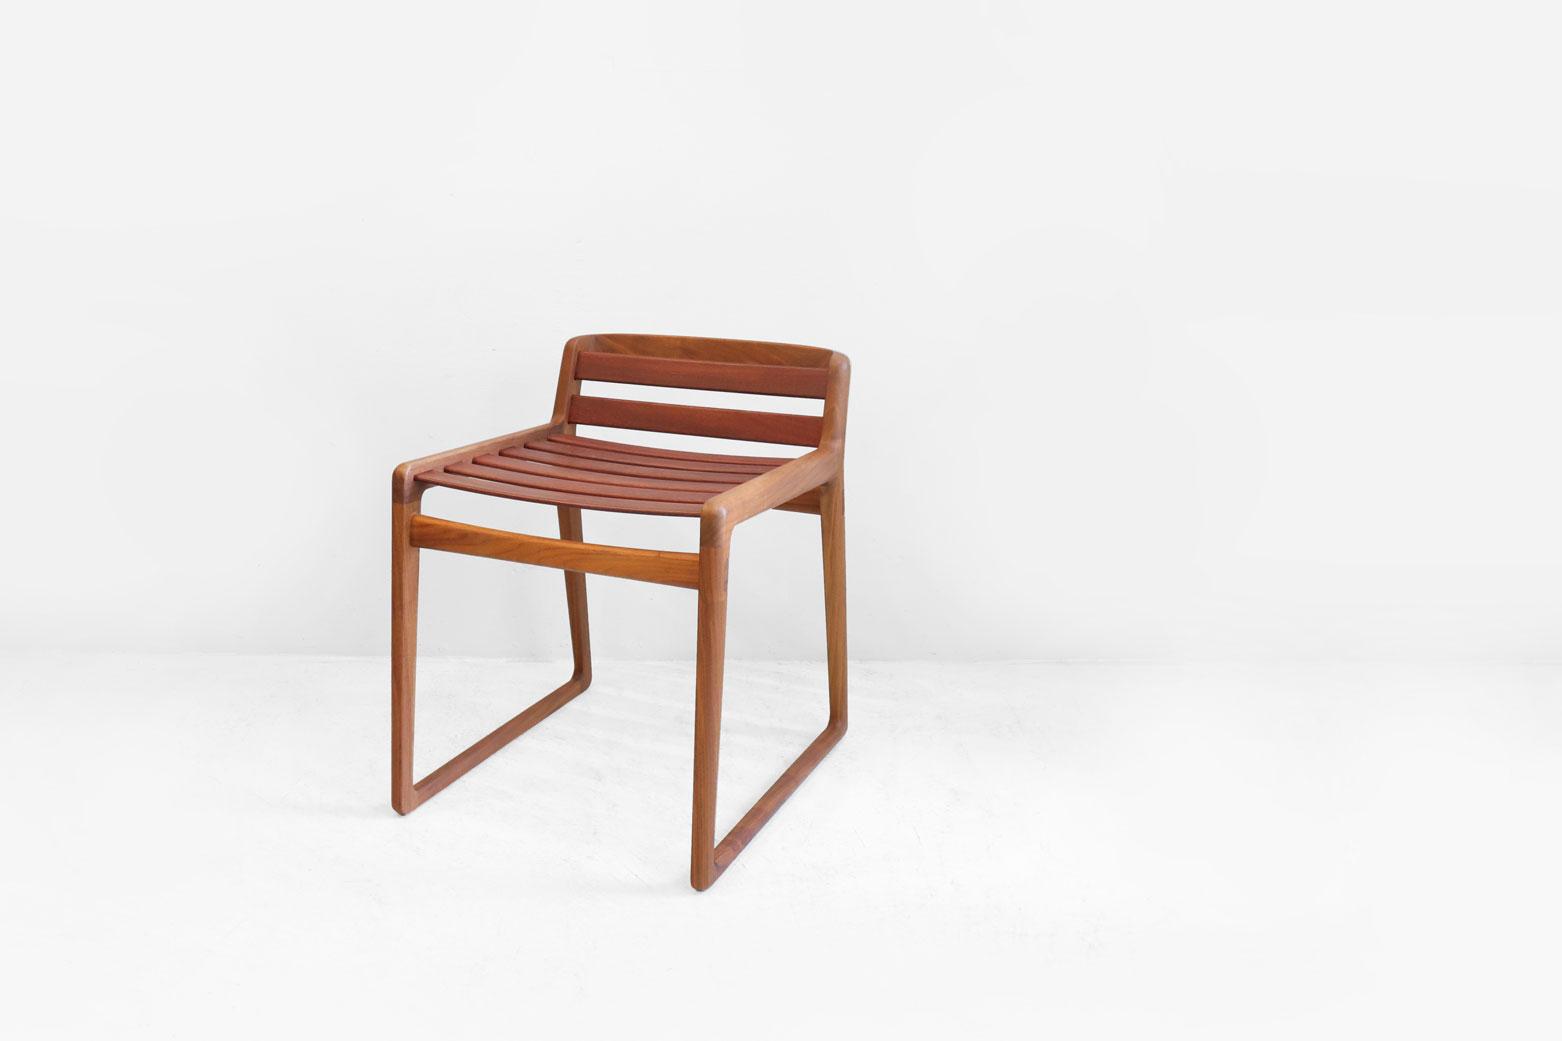 """徳島県に工房を構える、木の椅子づくり専門の家具メーカー「宮崎椅子製作所」のcomodo stool。 日本人デザイナーの猪田恭子氏とデンマーク人デザイナーのニルス・スバイエ氏の二人組みデザインチーム「Inoda+Sveje」がデザインを手がけました。 このスツールの最大の特徴は厚さ7mmという極限まで薄く仕上げられた背もたれと座面の桟。 桟には耐久性に優れた鮮やかな紫色の木材、パープルハートを使用しています。 座ると弾力性のある桟がしなり、体を優しく受け止めてくれます。 見た目からは想像できない座り心地にびっくりするほど…。 また、片手で持ち運べるくらい軽いので移動も楽々。 好きな時に好きな場所で座れる、心地の良いスツールです。 細かな傷、スレがございますが、その他大きなダメージはございません。 1969年に創業した宮崎椅子製作所。 「他社には真似のできない椅子づくり」を目指し、素材選びから加工、製作まで一貫してこだわりの椅子作りをされています。 このコモドスツールはシンプルなデザインの中にも宮崎椅子製作所の職人さんだから成せる技がたくさん盛り込まれています。 四角でも丸でもない、滑らかなラインのフレームや絶妙な弾力性を生み出す桟… 使う人もことを考えて、ディテールに至るまで精巧に作り上げられたとても""""贅沢""""なスツールです。 ぜひこの素晴らしいスツールの座り心地を体感してください。 〜【東京都杉並区阿佐ヶ谷北アンティークショップ 古一】 古一/ふるいちでは出張無料買取も行っております。杉並区周辺はもちろん、世田谷区・目黒区・武蔵野市・新宿区等の東京近郊のお見積もりも!ビンテージ家具・インテリア雑貨・ランプ・USED品・ リサイクルなら古一/フルイチへ~"""